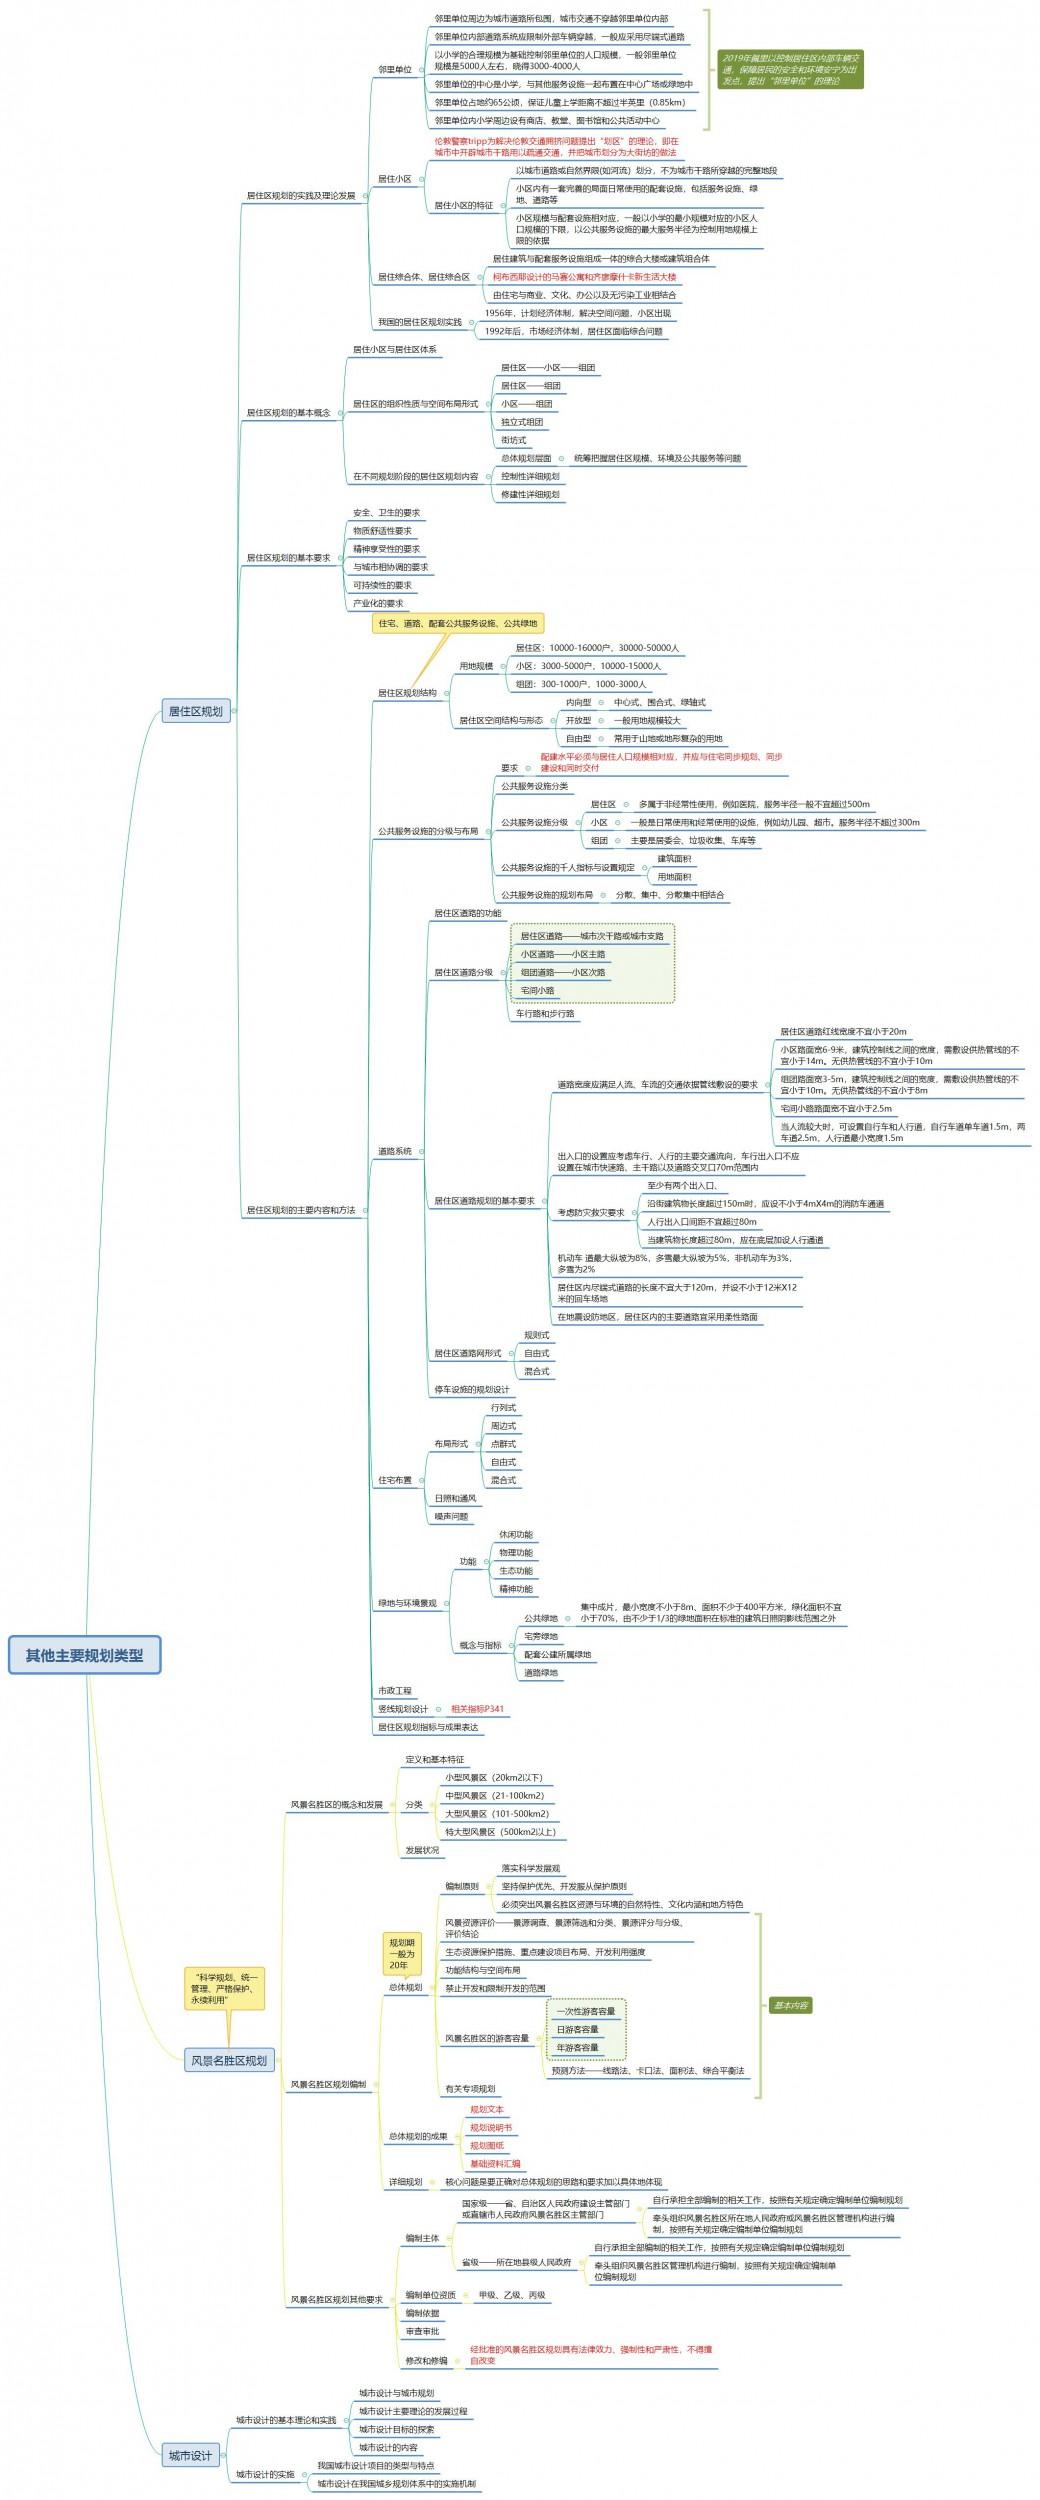 其他主要规划类型.jpg